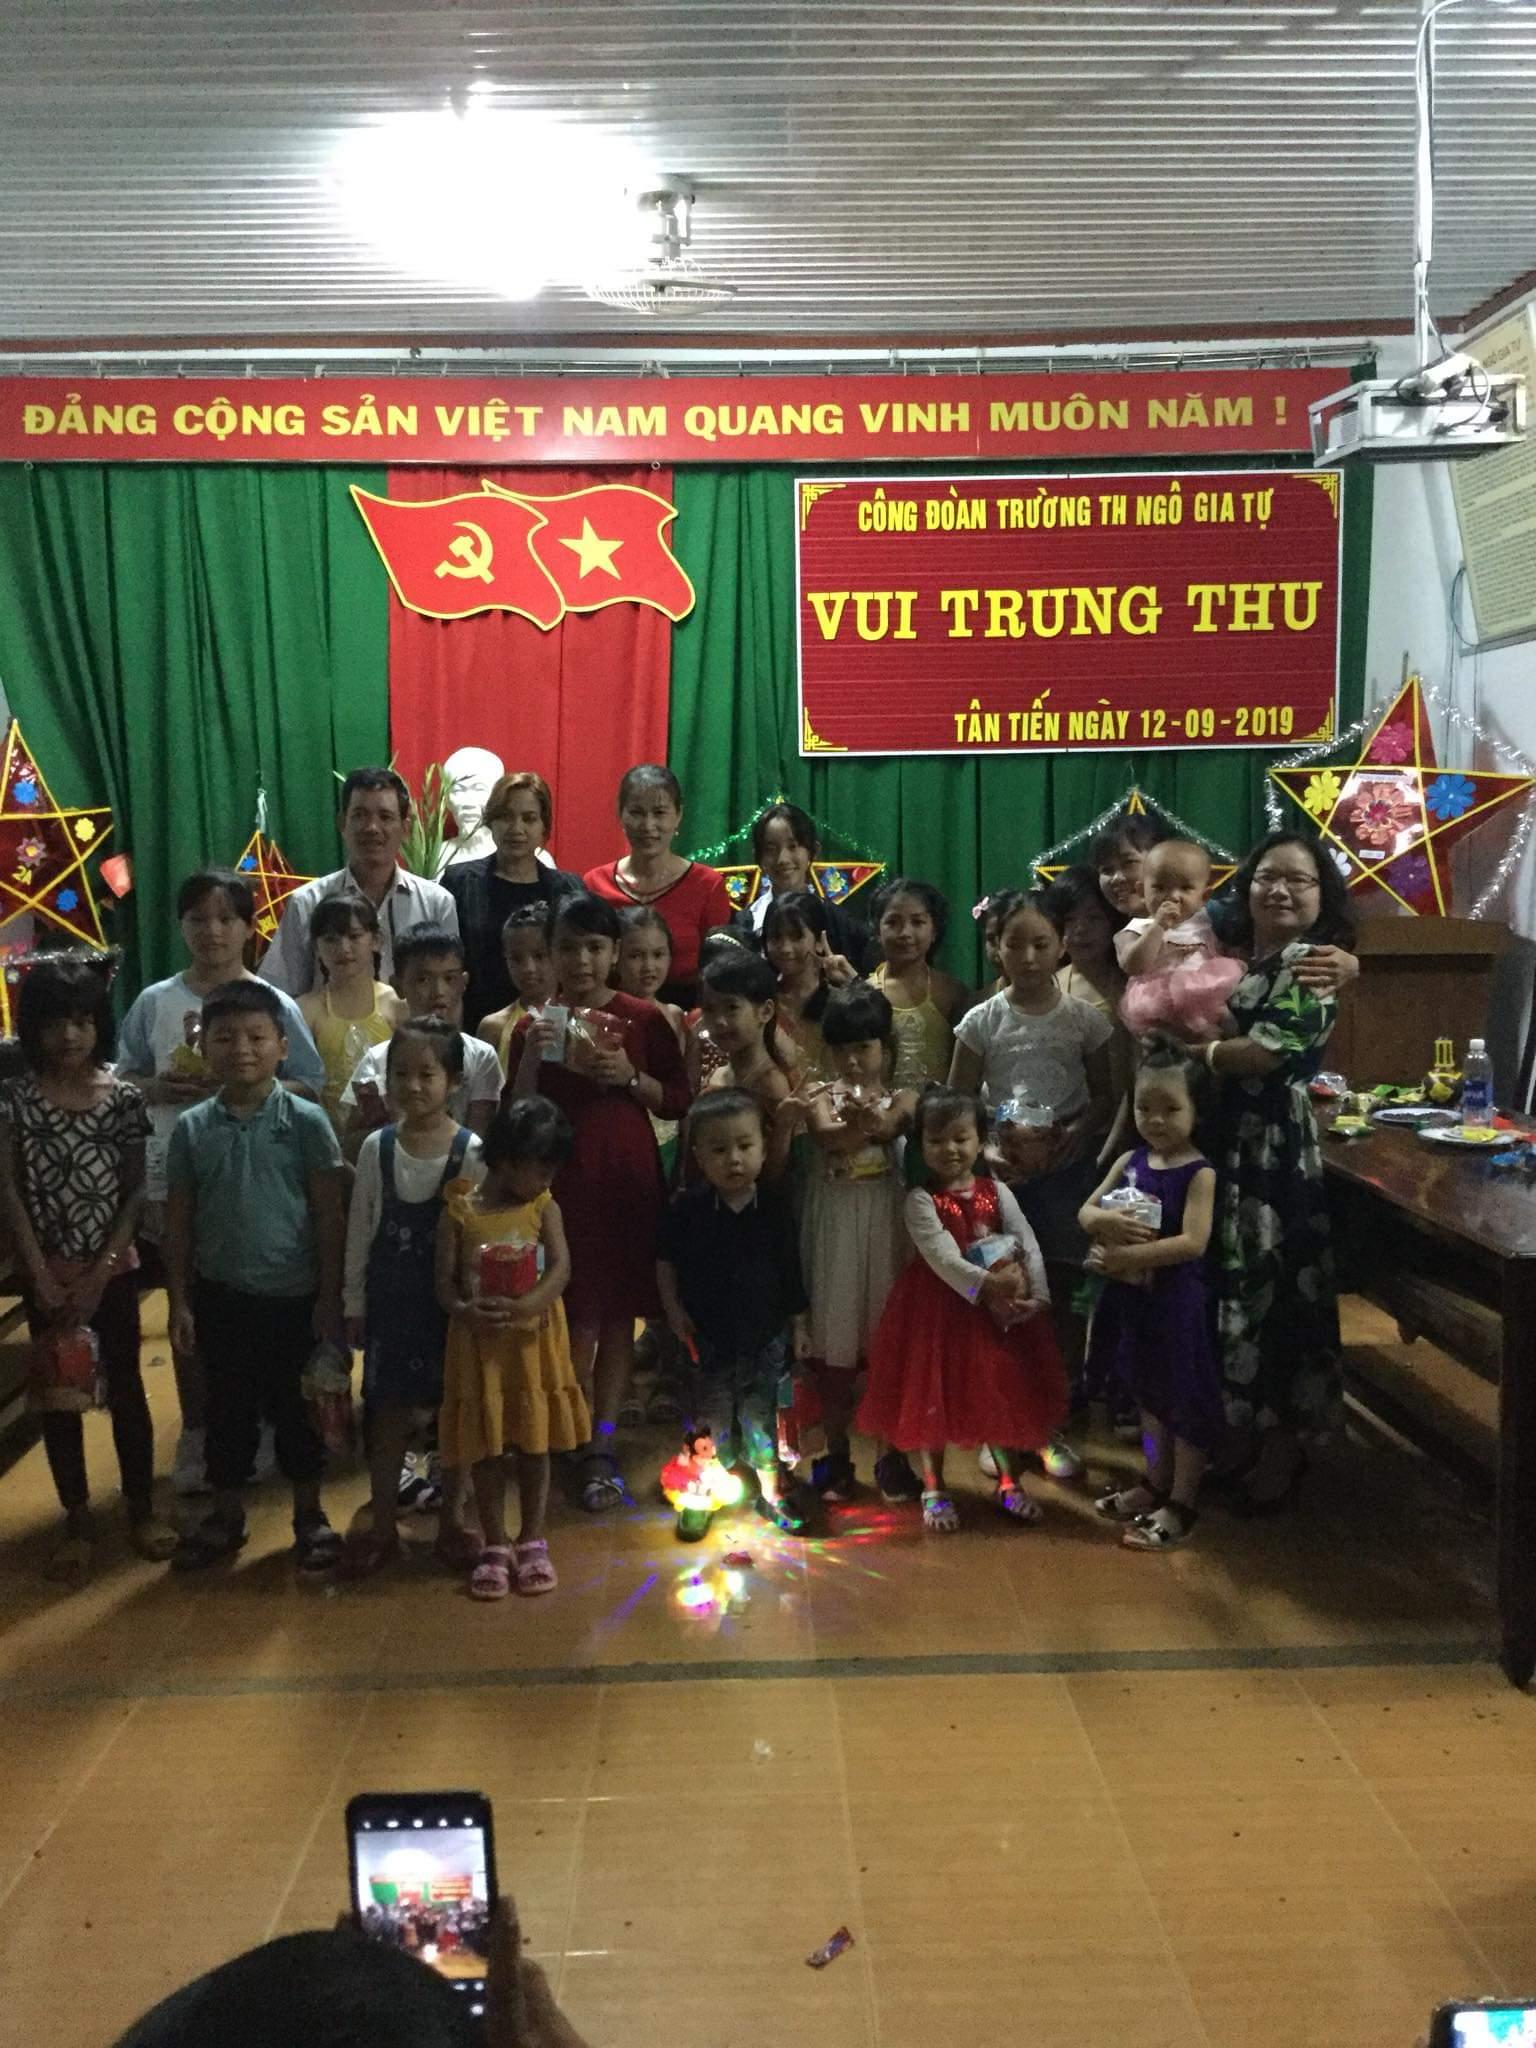 Công đoàn nhà trường tổ chức Trung thu cho các cháu. Xin chân thành cảm ơn sự quan tâm của Công đoàn nhà trường!